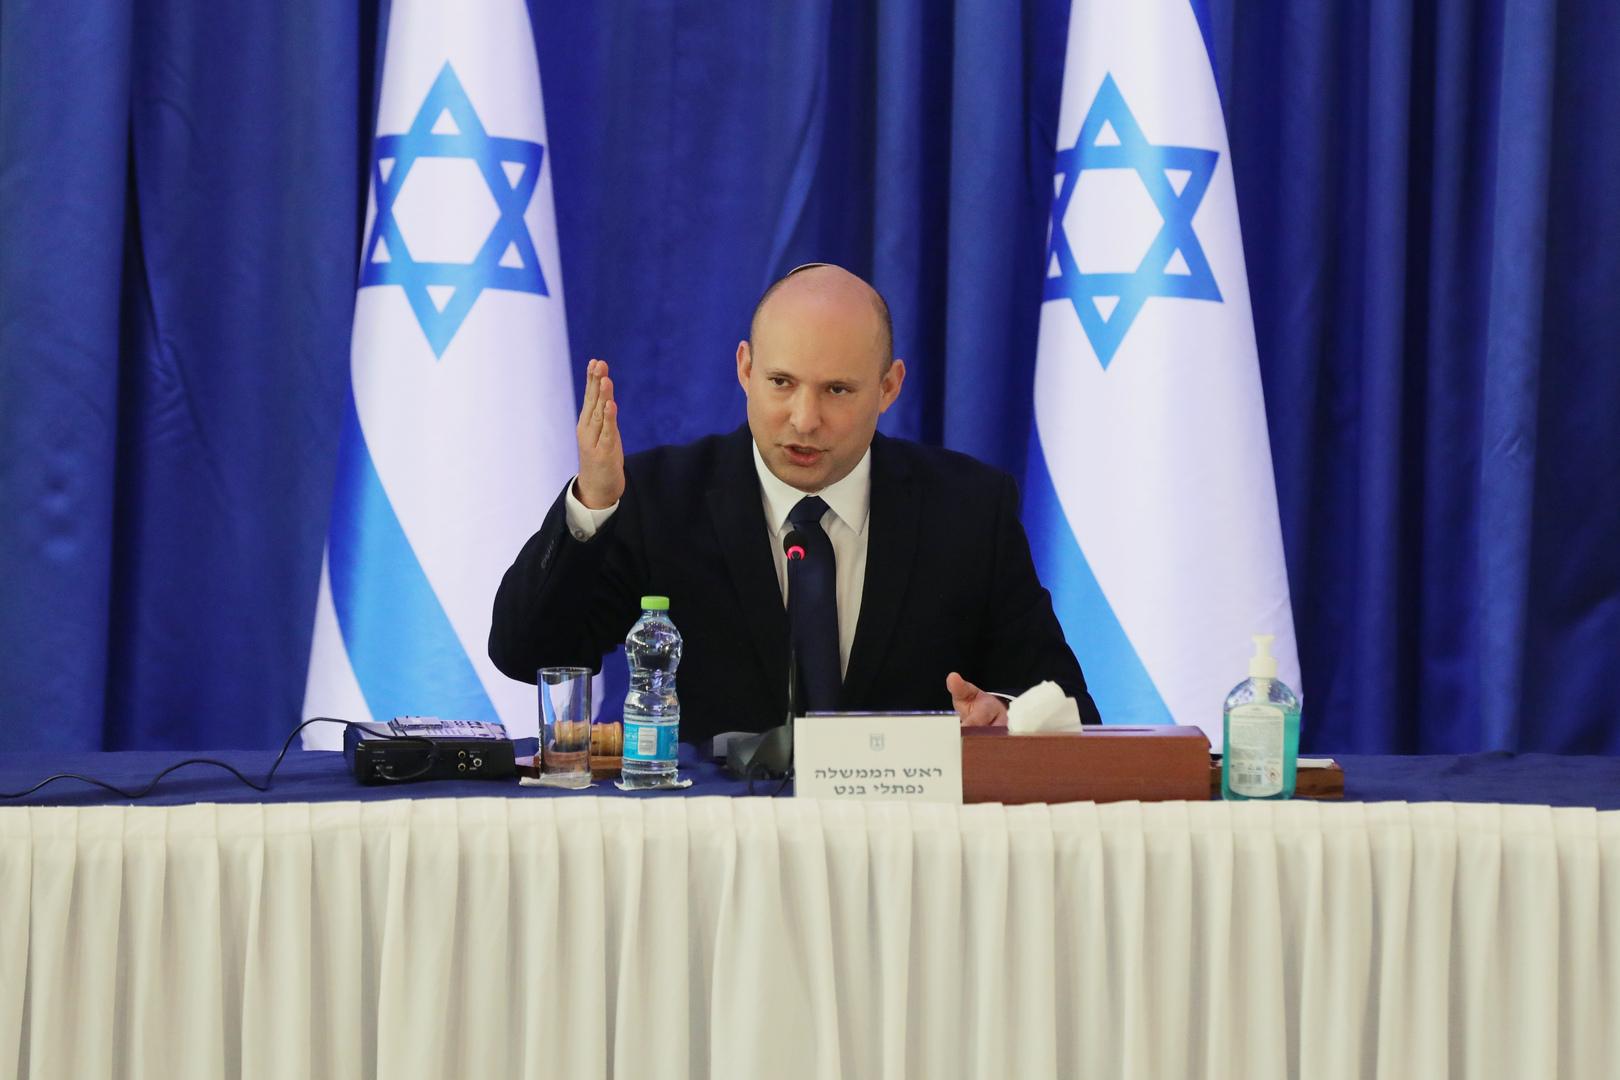 بينيت: اتفاقيات إبراهيم تشكل فصلا جديدا في تاريخ السلام بالشرق الأوسط